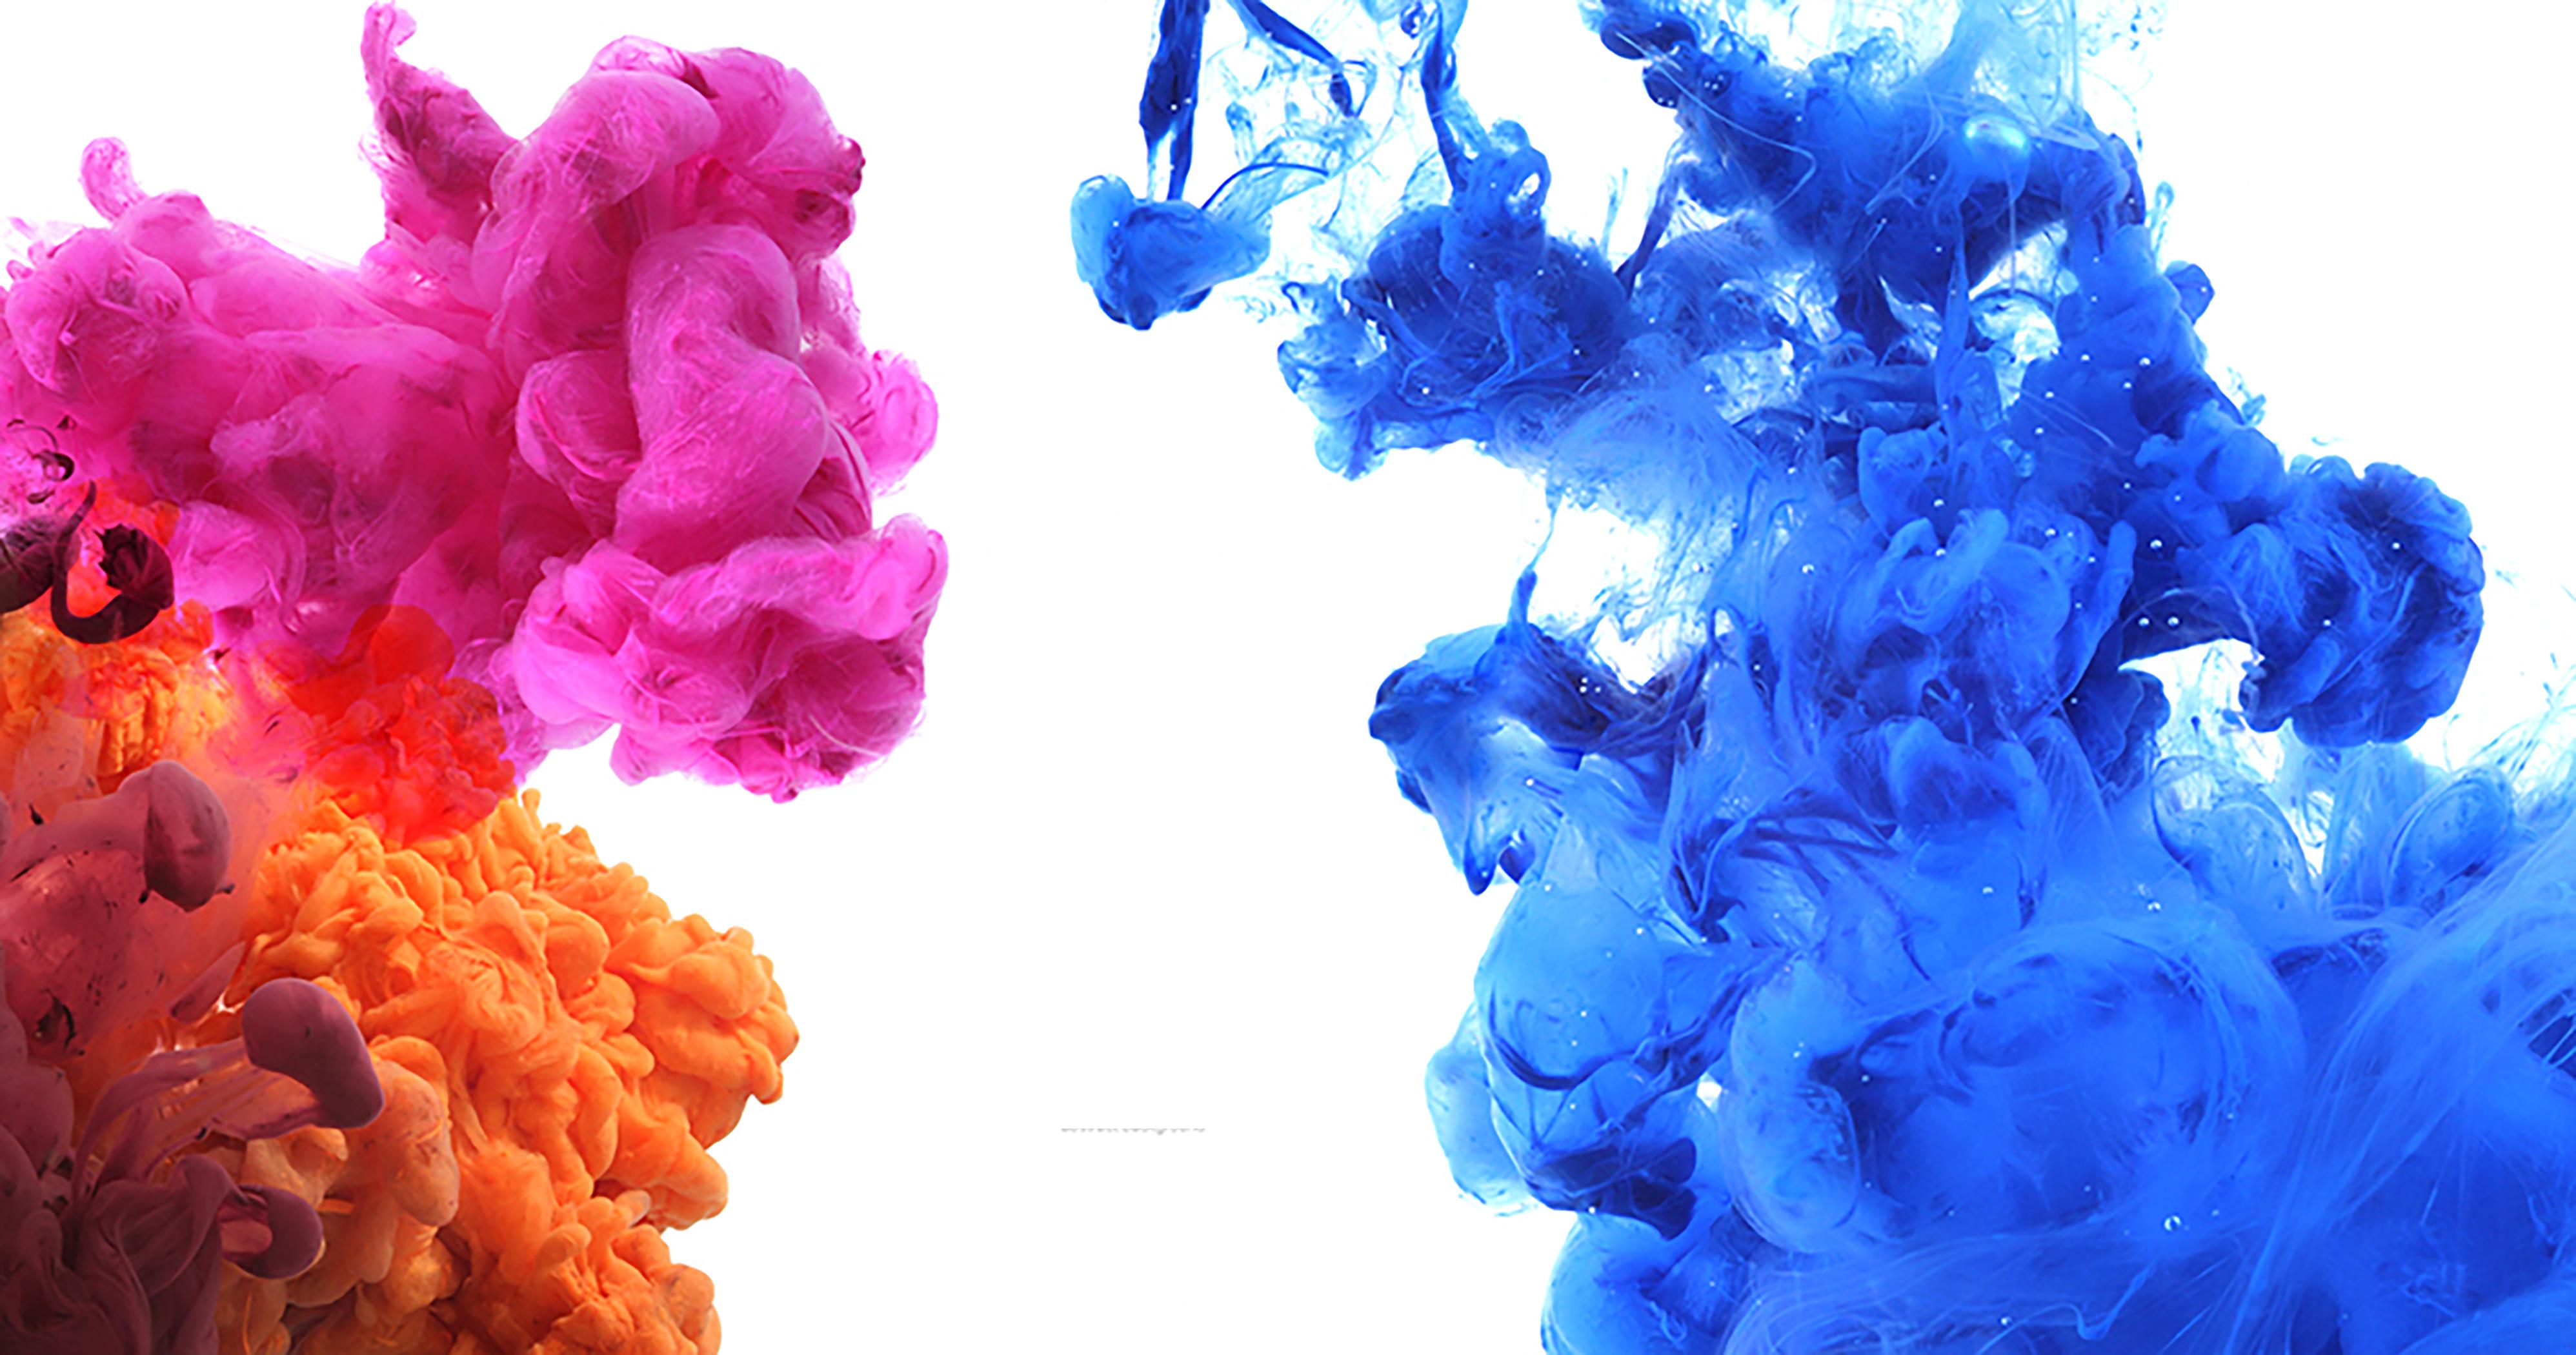 Diseño Arte Patrón Fondos De Pantalla Antecedentes: Arte Diseño Fondos De Pantalla Patrón Antecedentes Color